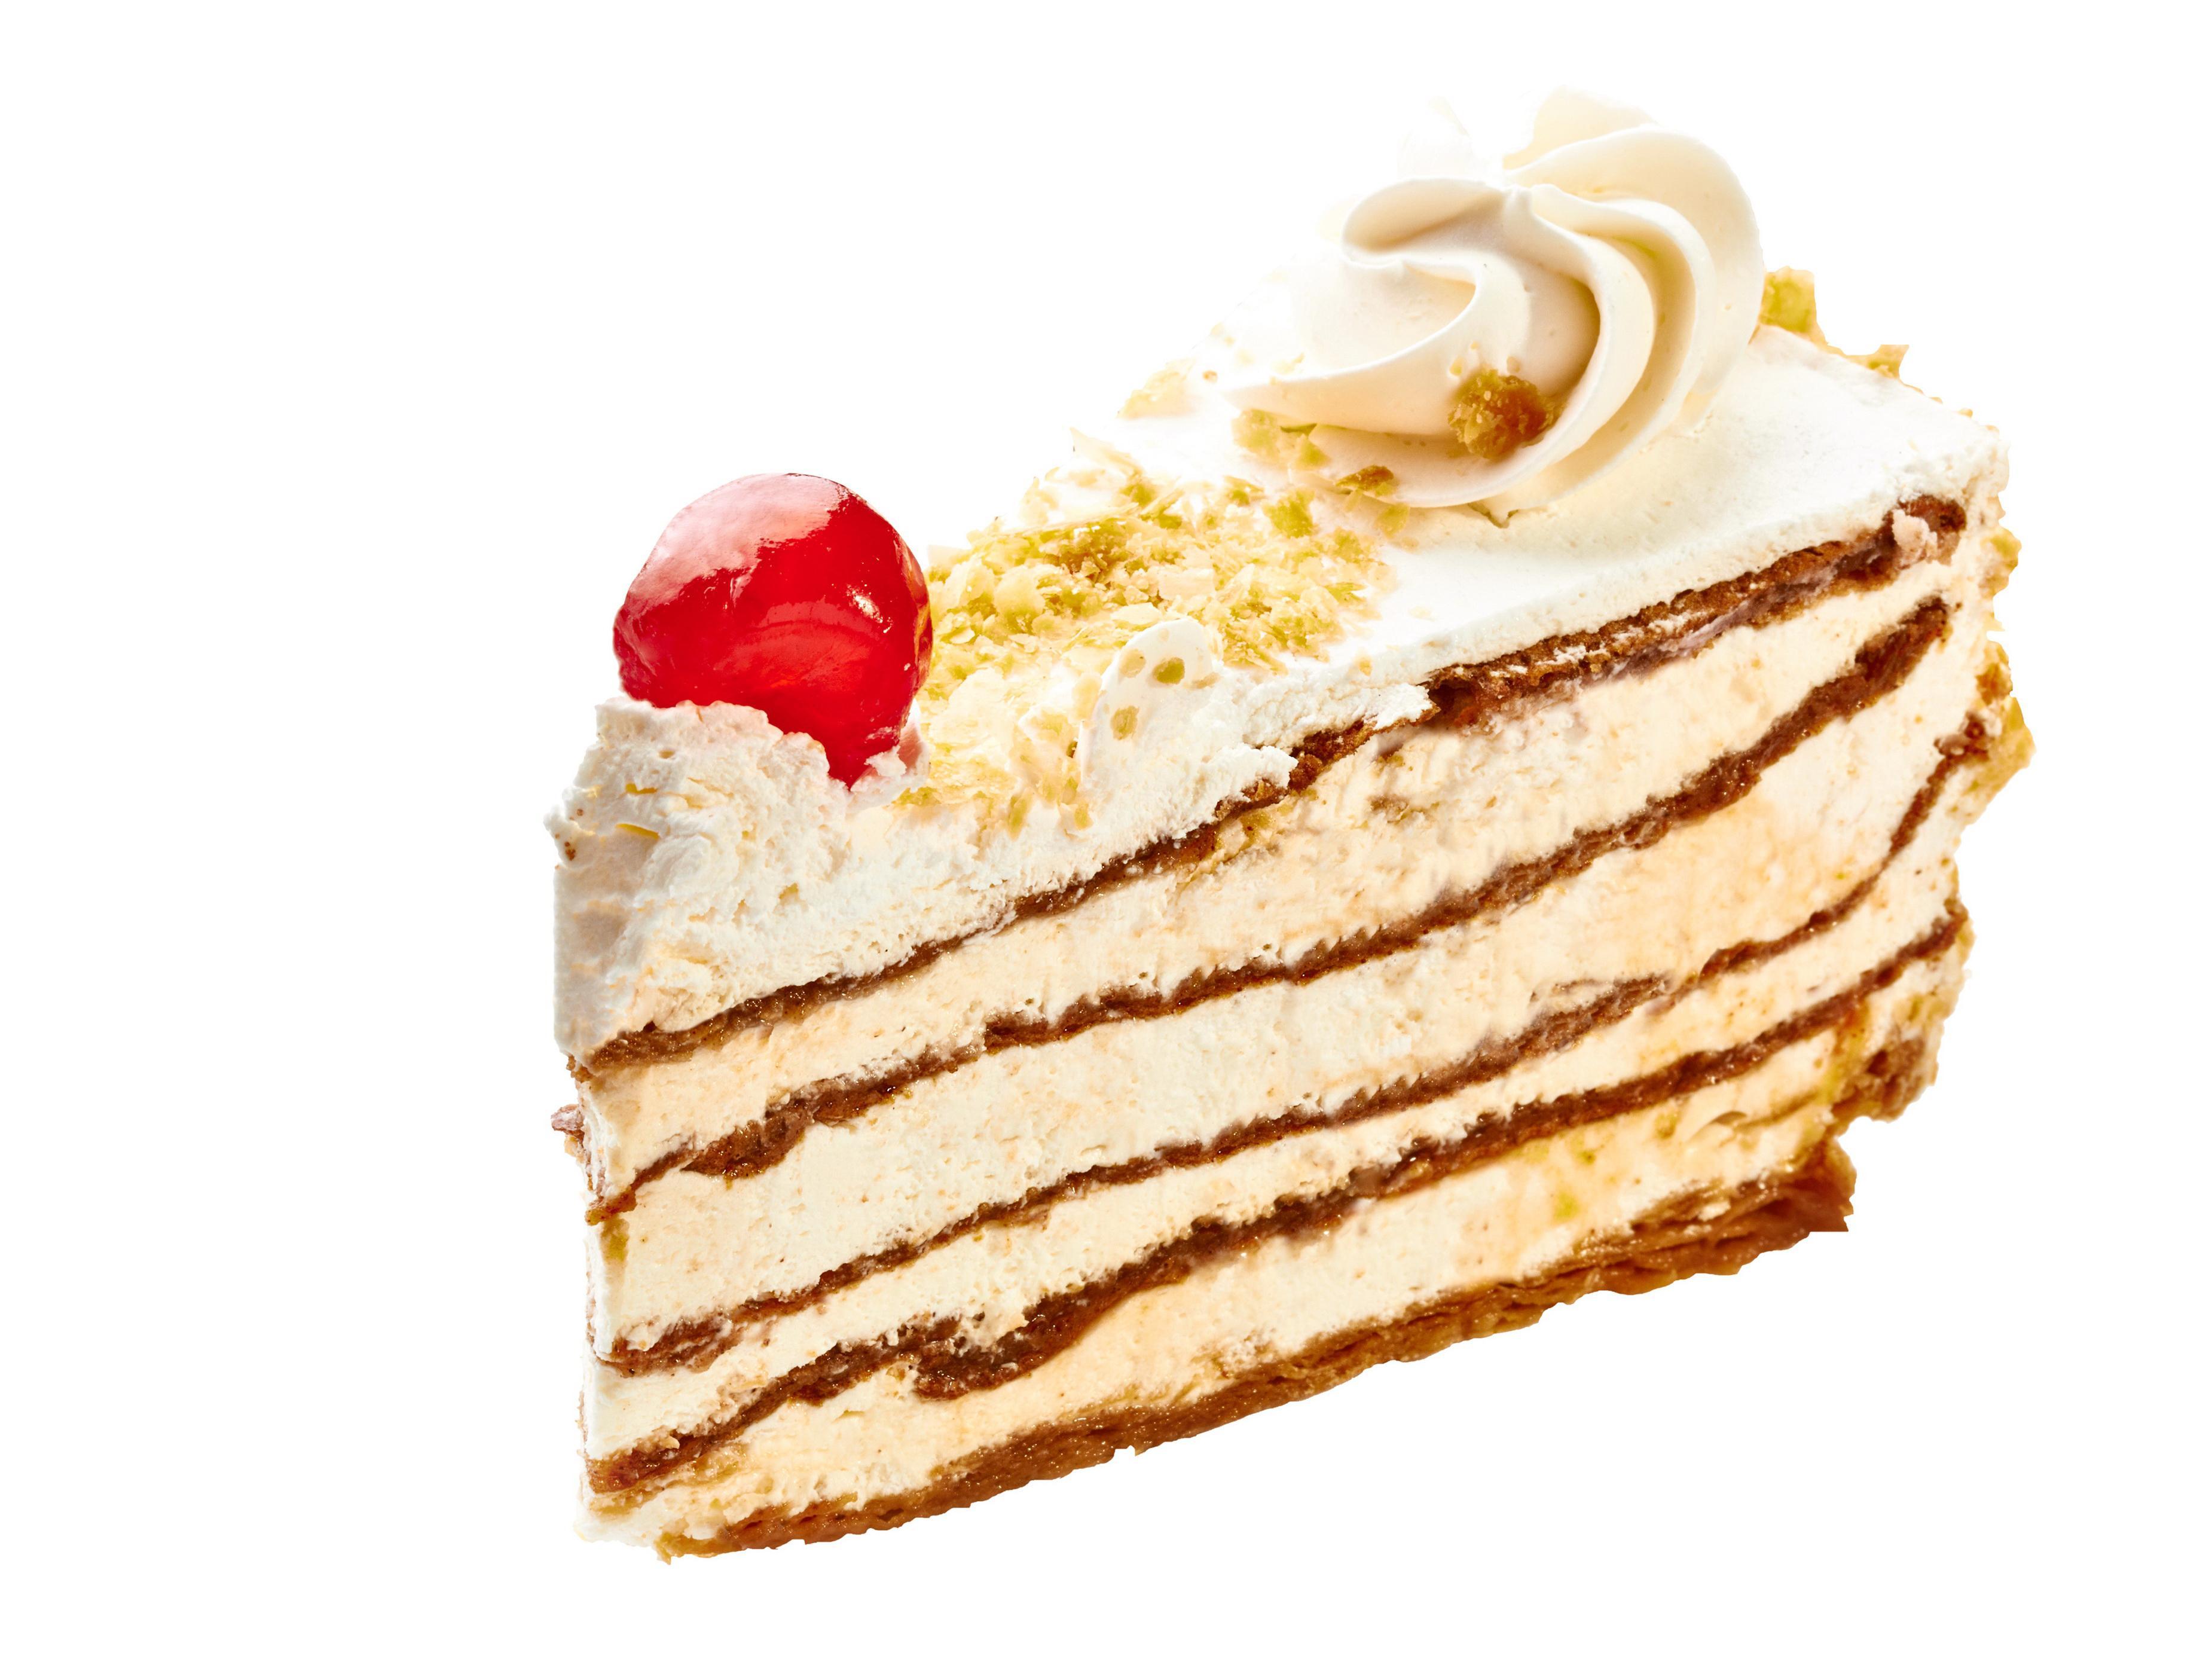 Пирожное Слоянка Тридцать третье с нежным кремом